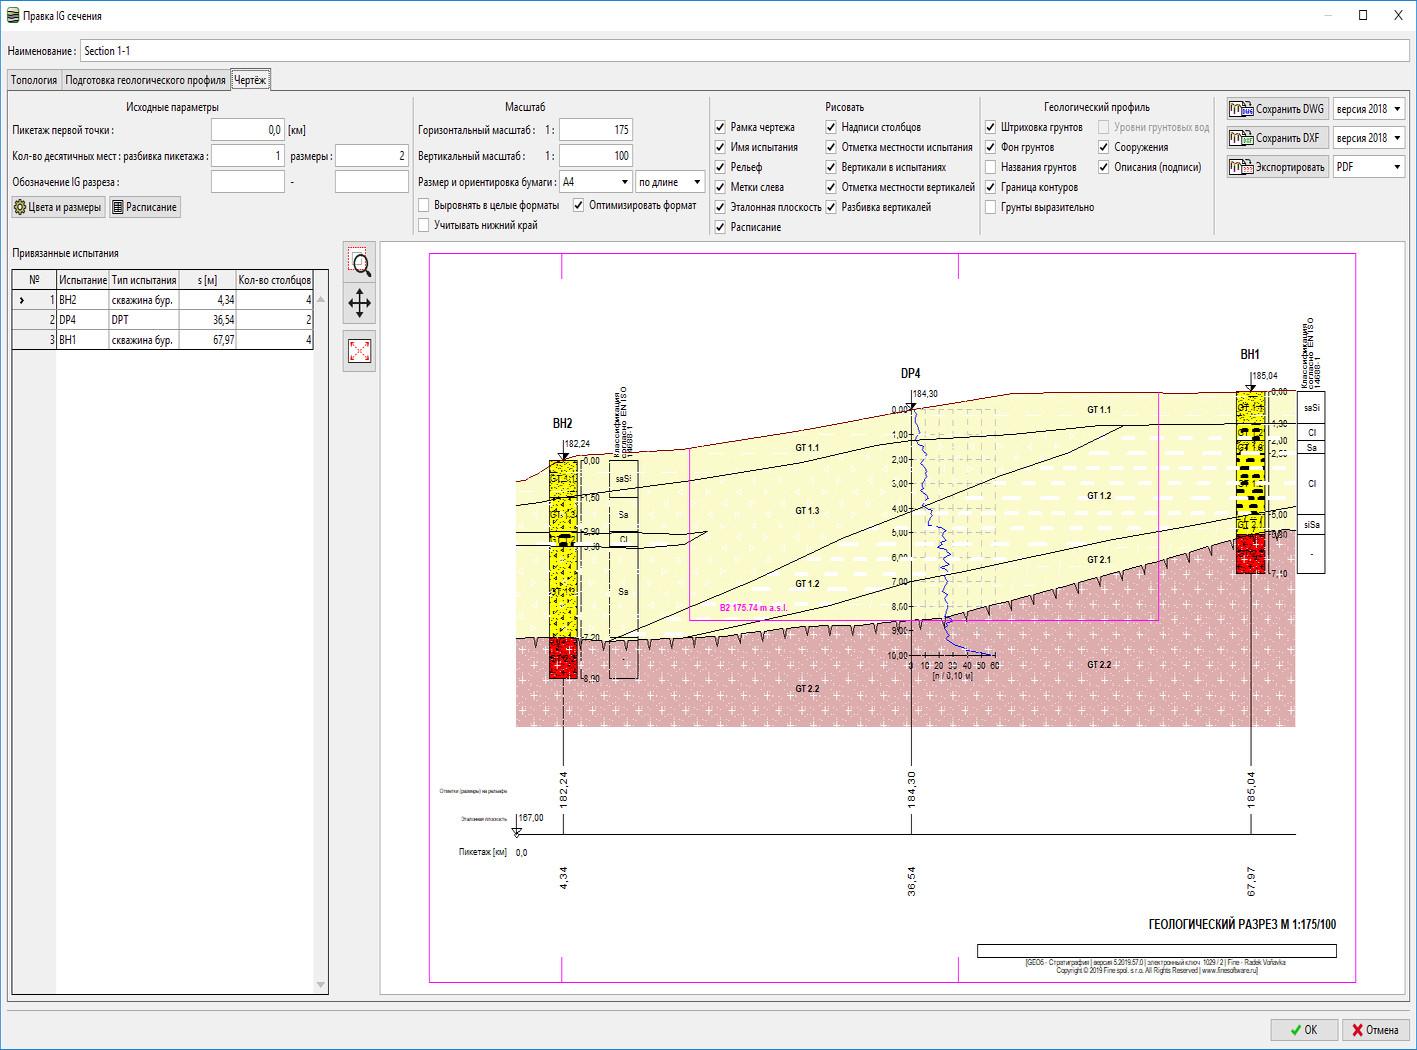 Стратиграфия - Сечения : Сгенерированный геологический разрез